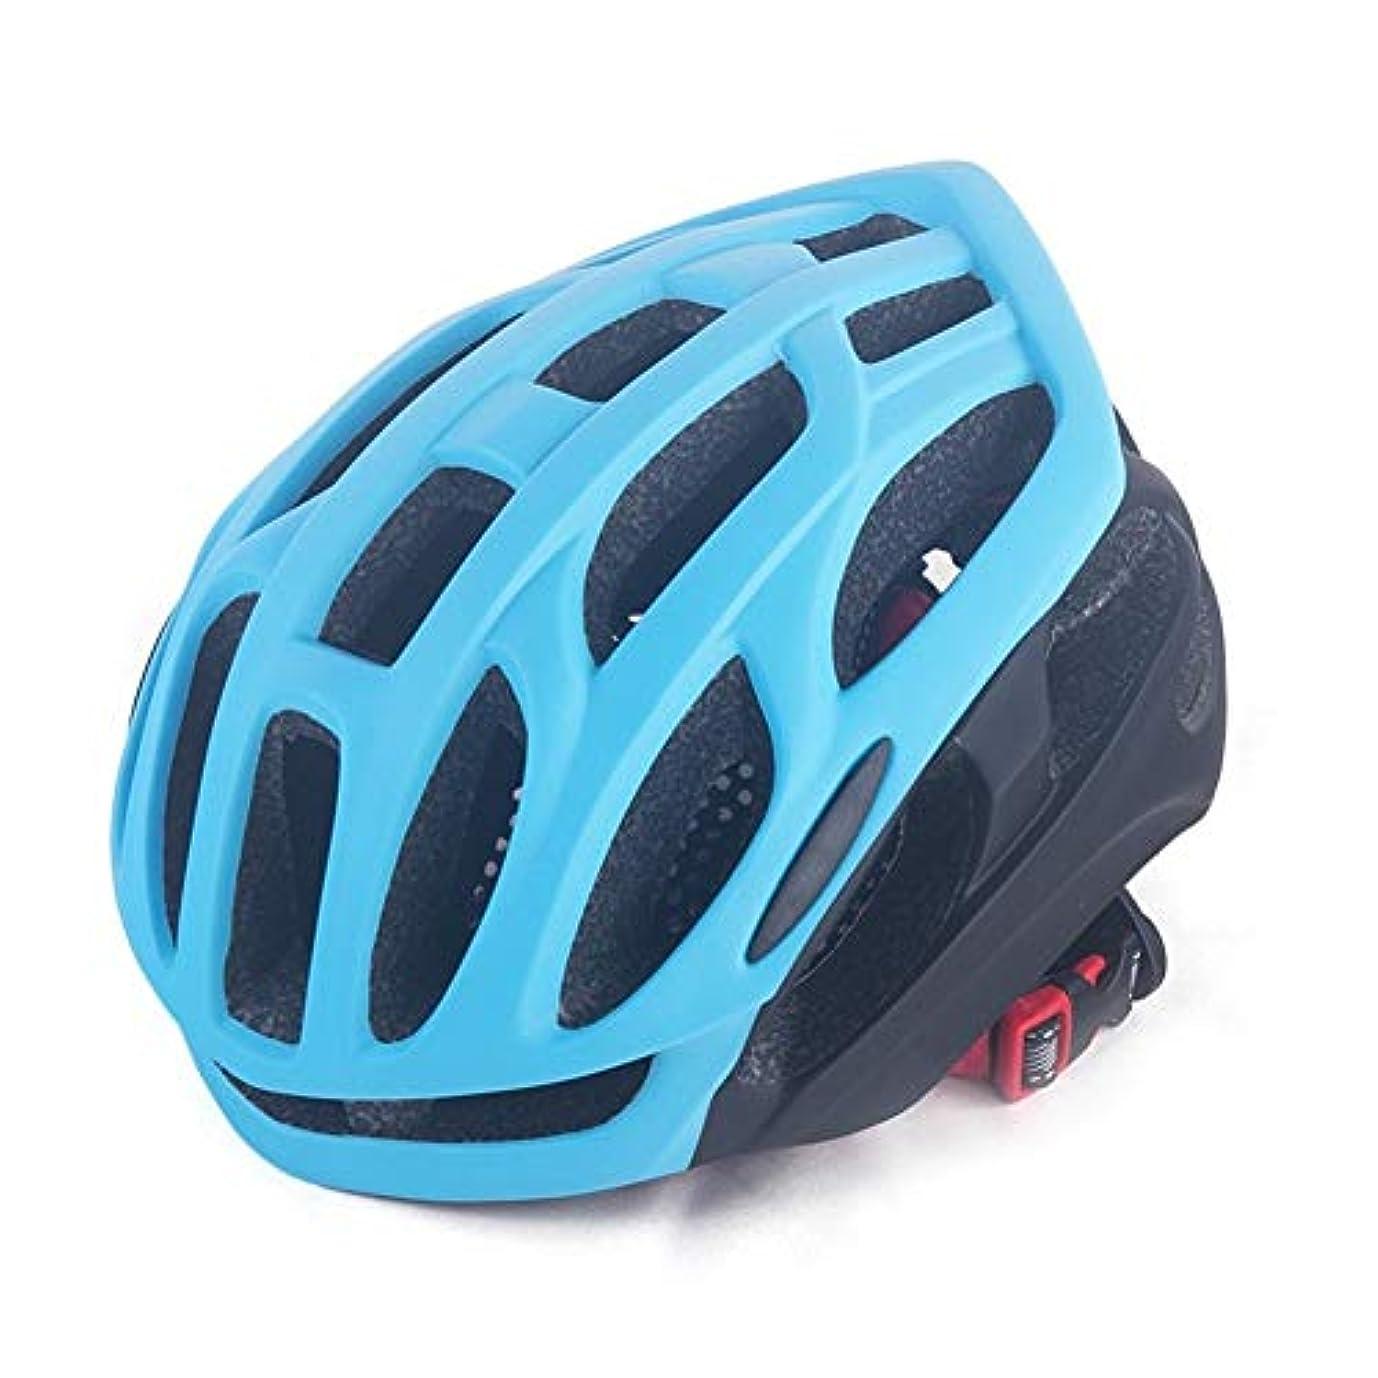 赤別の貝殻バイザーアジャスタブル軽量でバイクヘルメット57-62CMスポーツヘッドウェアサイクリングヘルメット 自転車 ヘルメット超軽量 高剛性